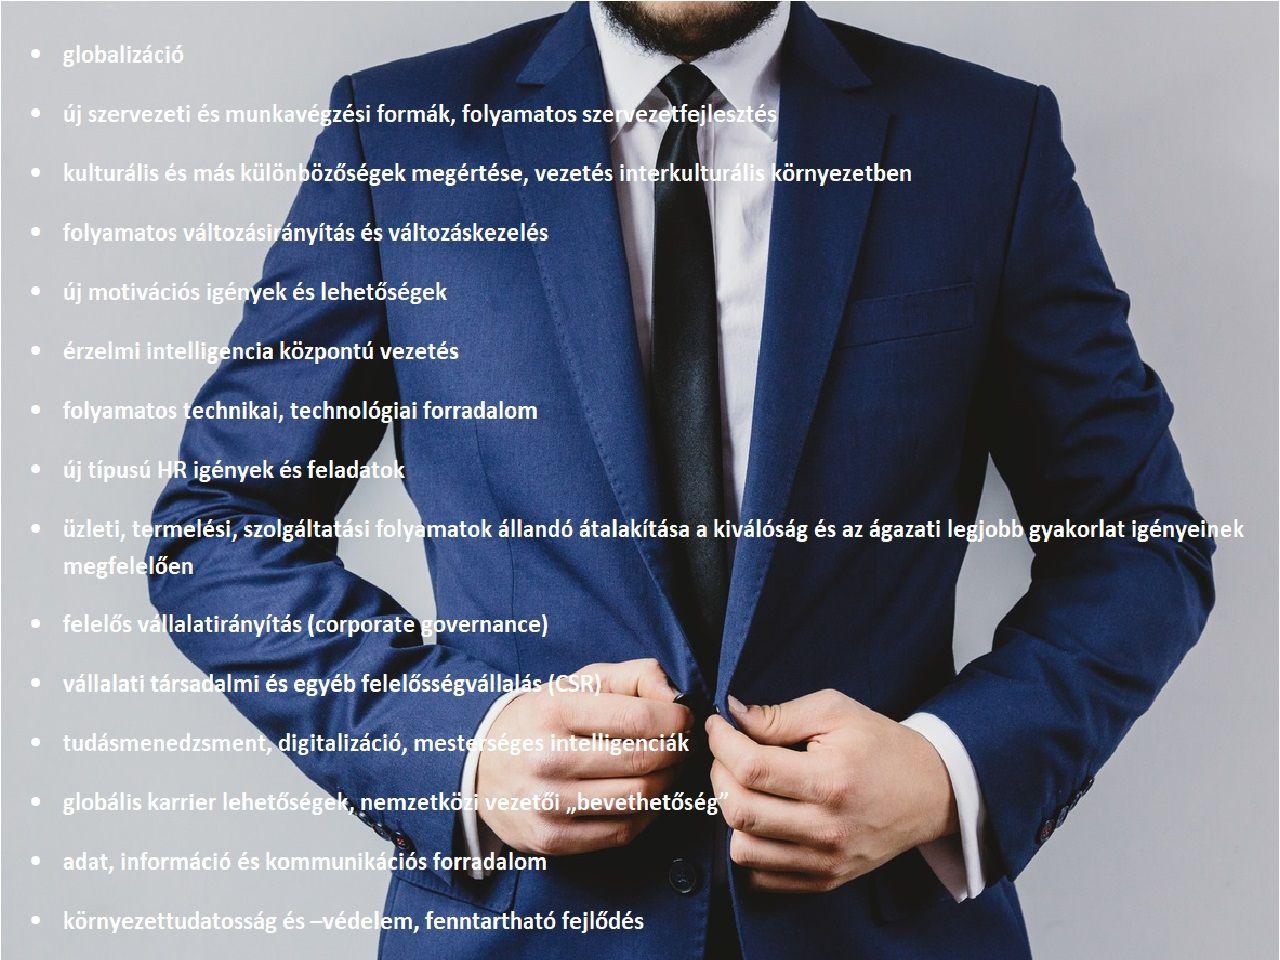 lehetőségek a felső vezetők számára)